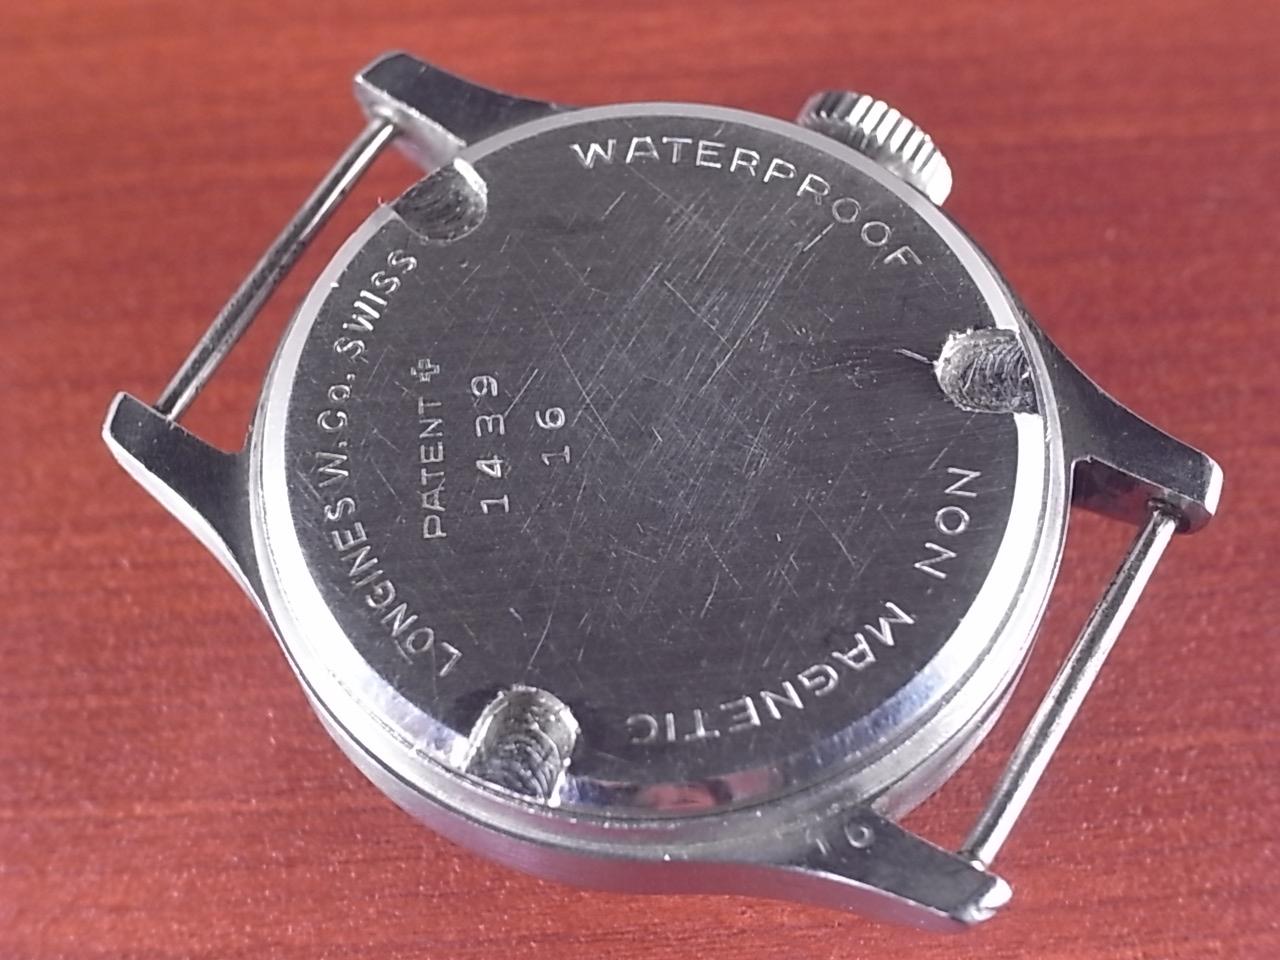 ロンジン ステップベゼル トレタケケース ボーイズサイズ 1930年代の写真4枚目